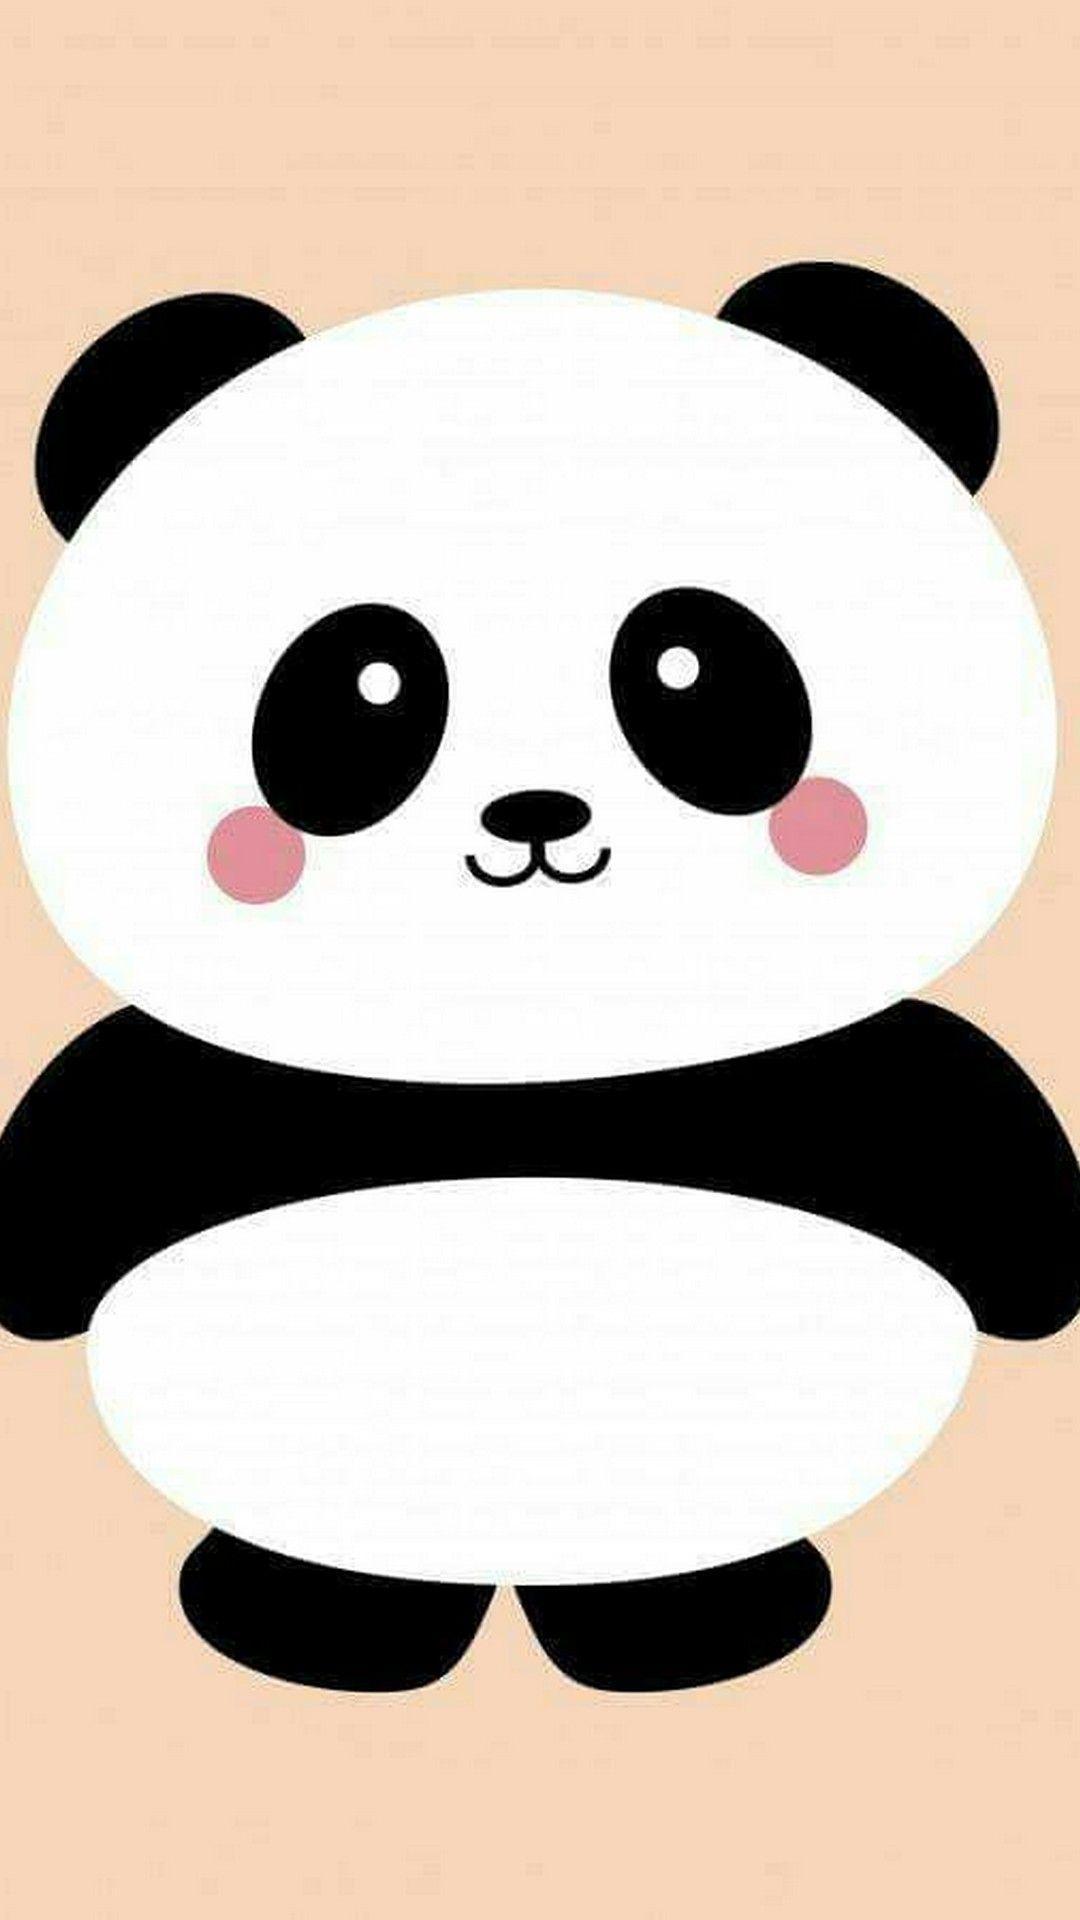 Cute Panda Iphone Wallpapers Top Free Cute Panda Iphone Backgrounds Wallpaperaccess